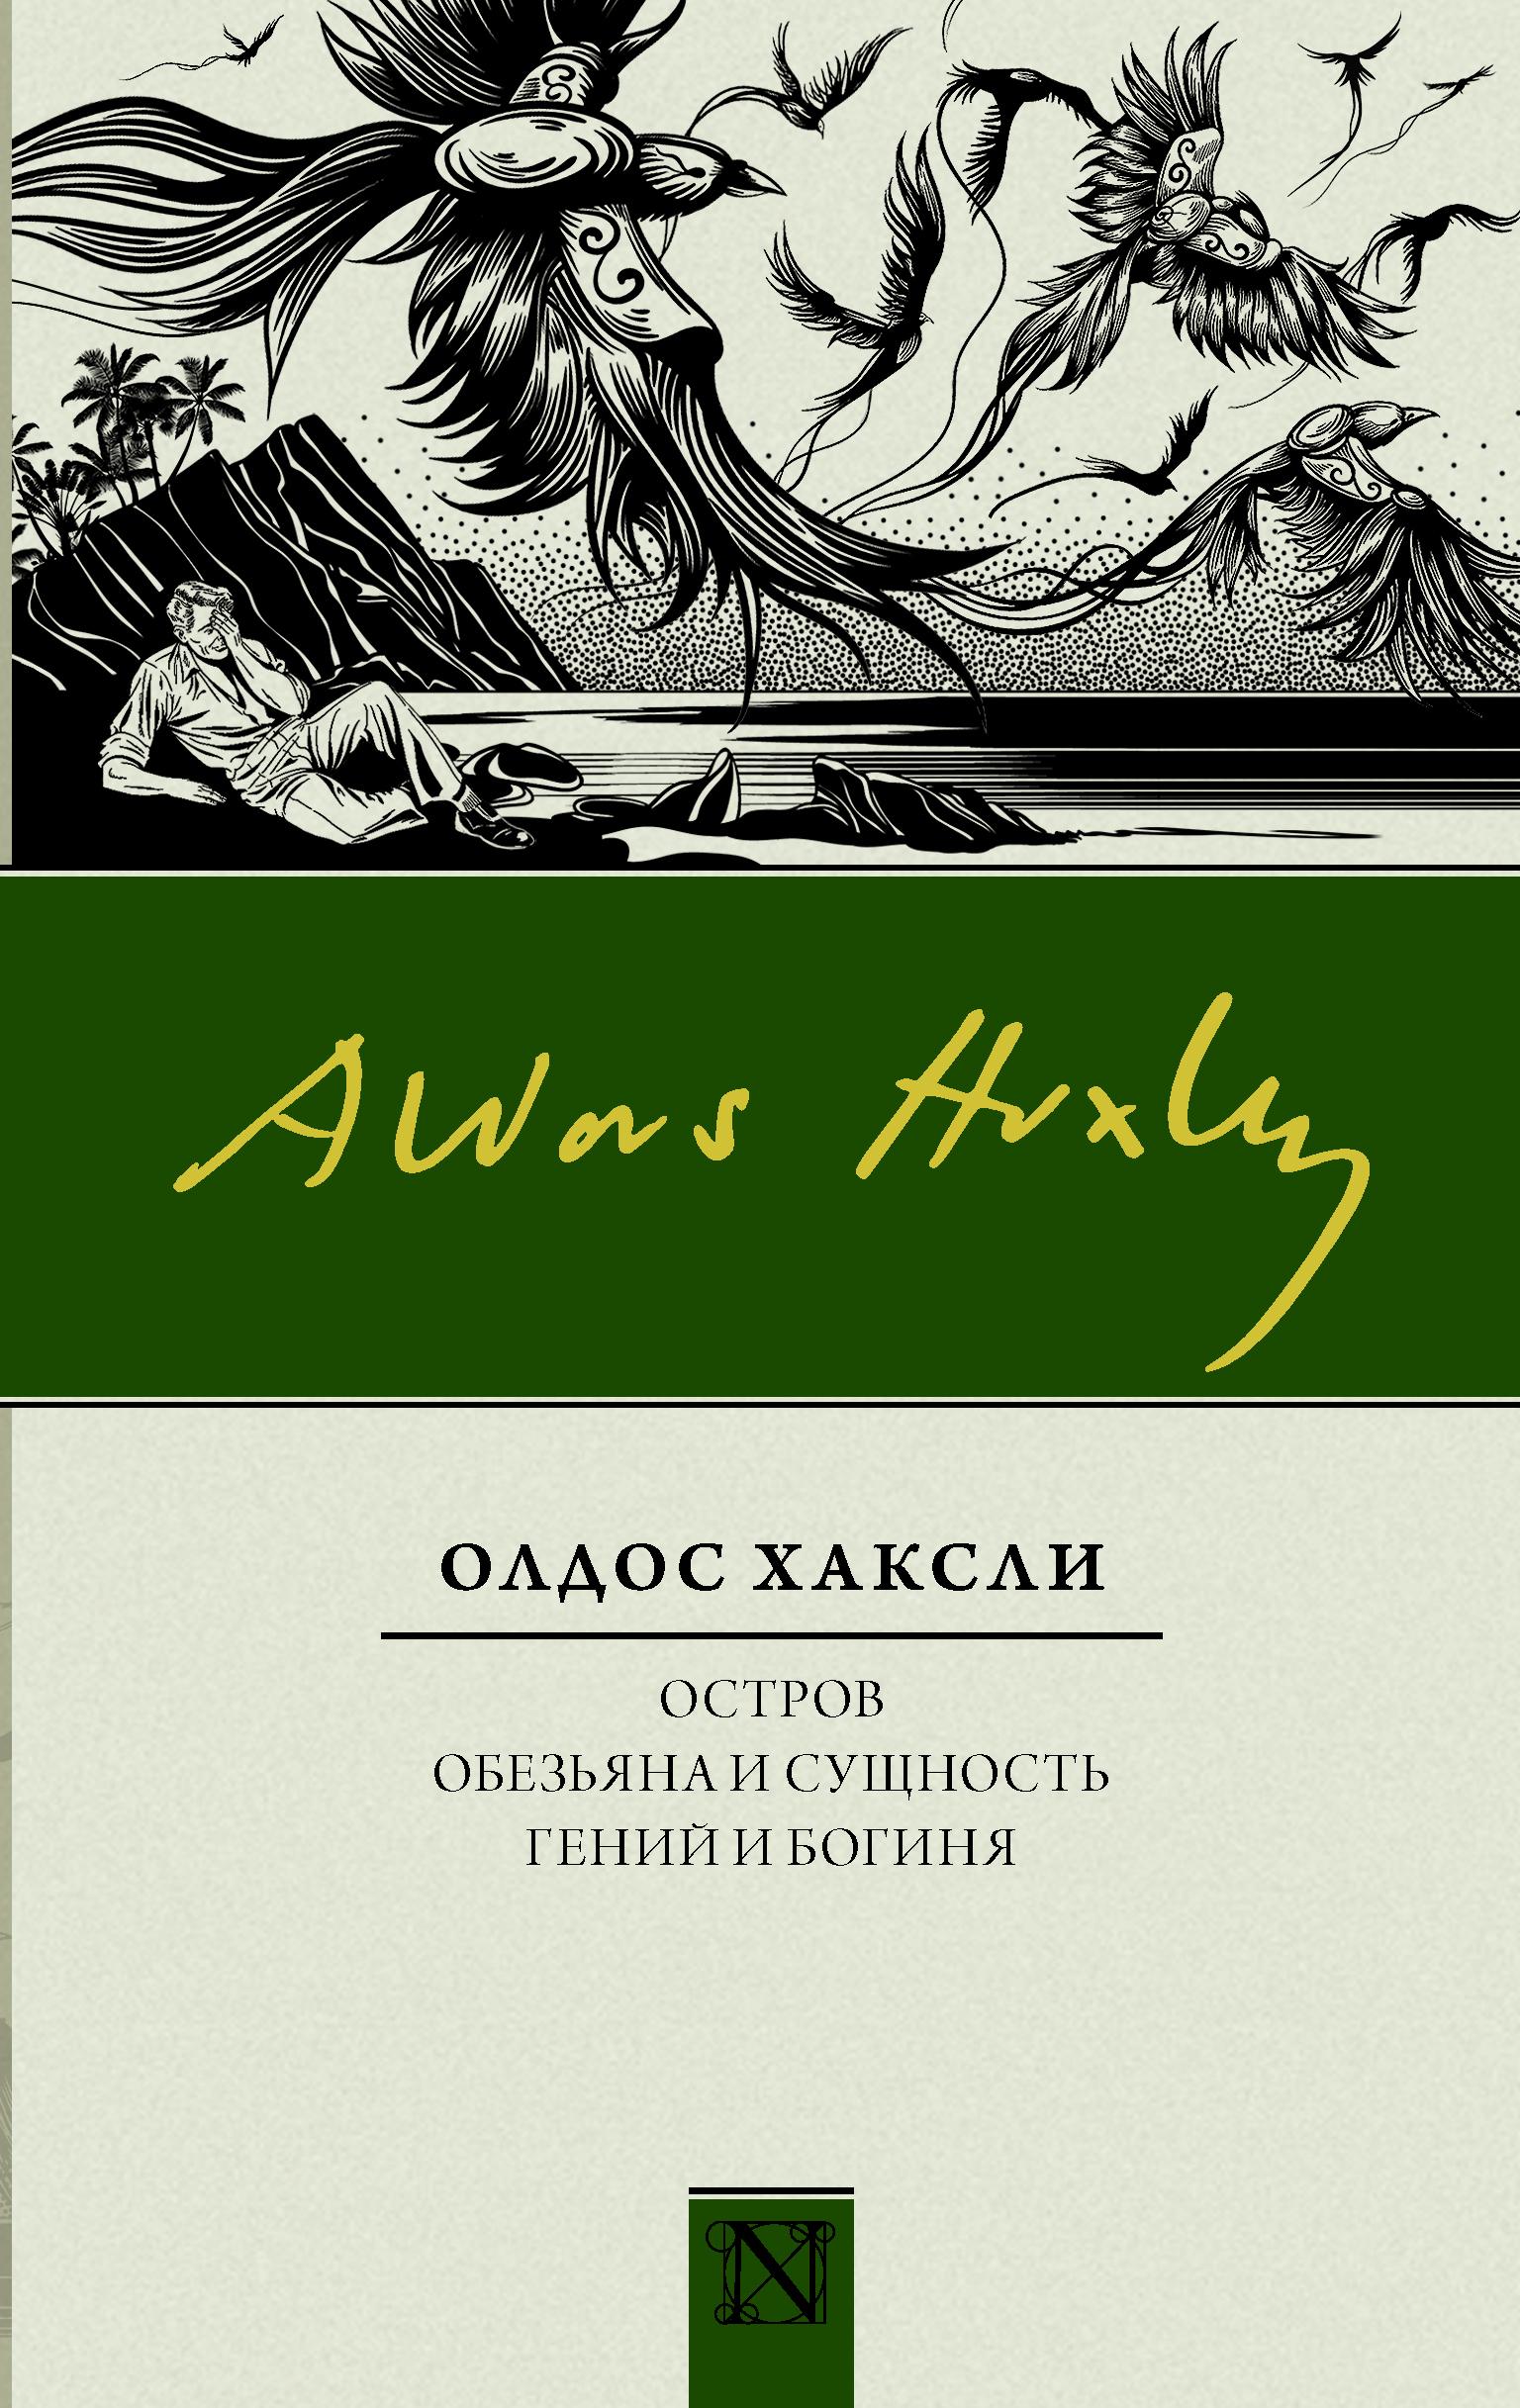 9785171025489 - Олдос Хаксли: Остров. Обезьяна и сущность. Гений и богиня (сборник) - Книга